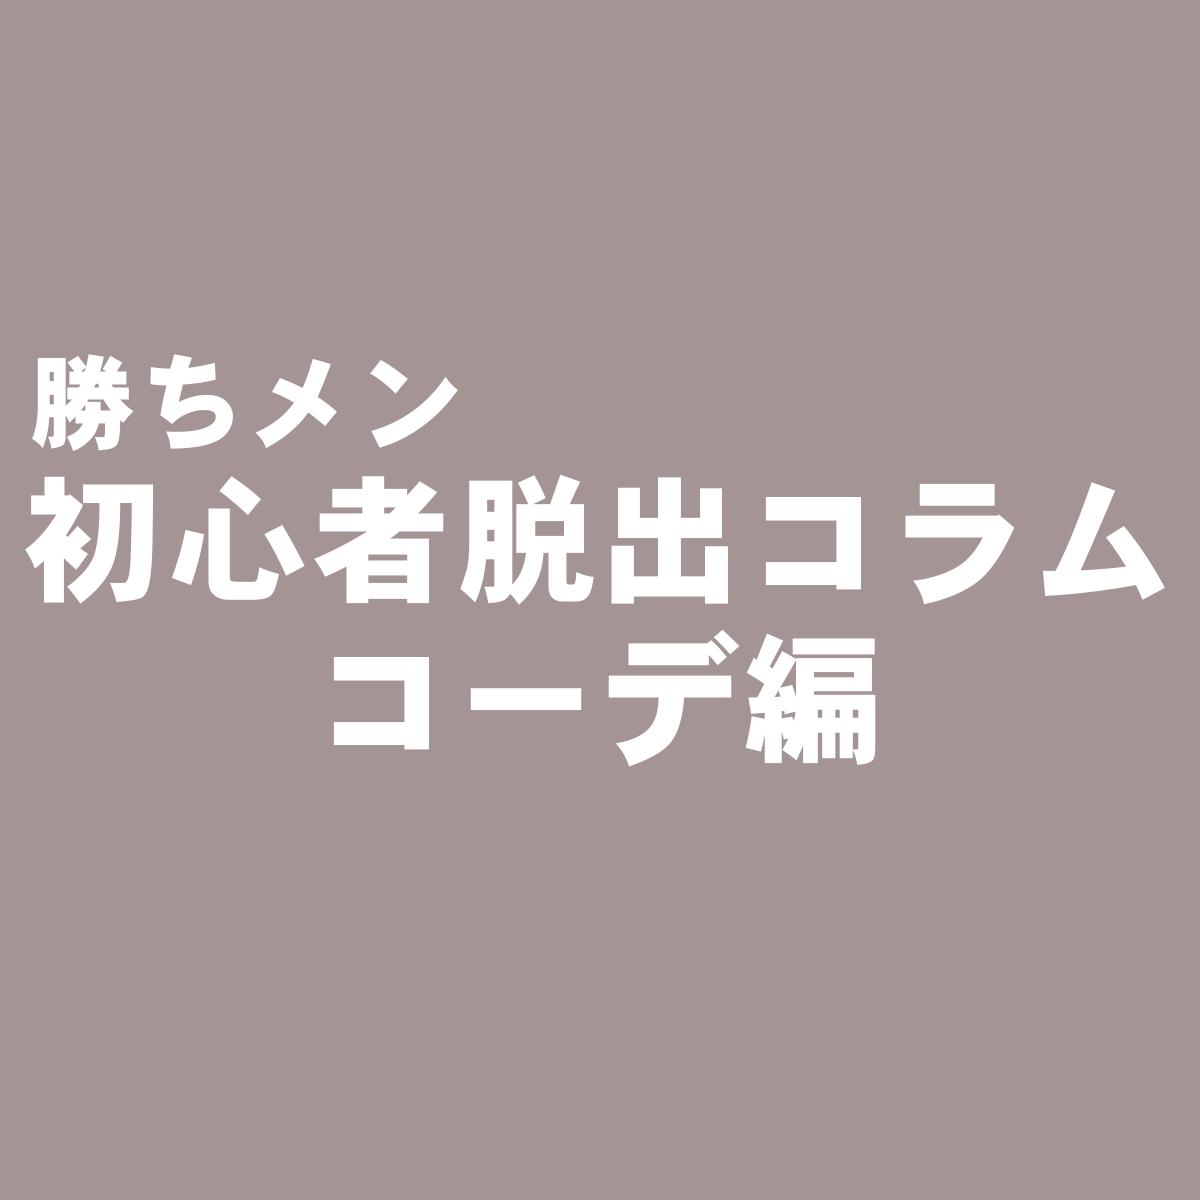 初心者脱出コラムコーデ編